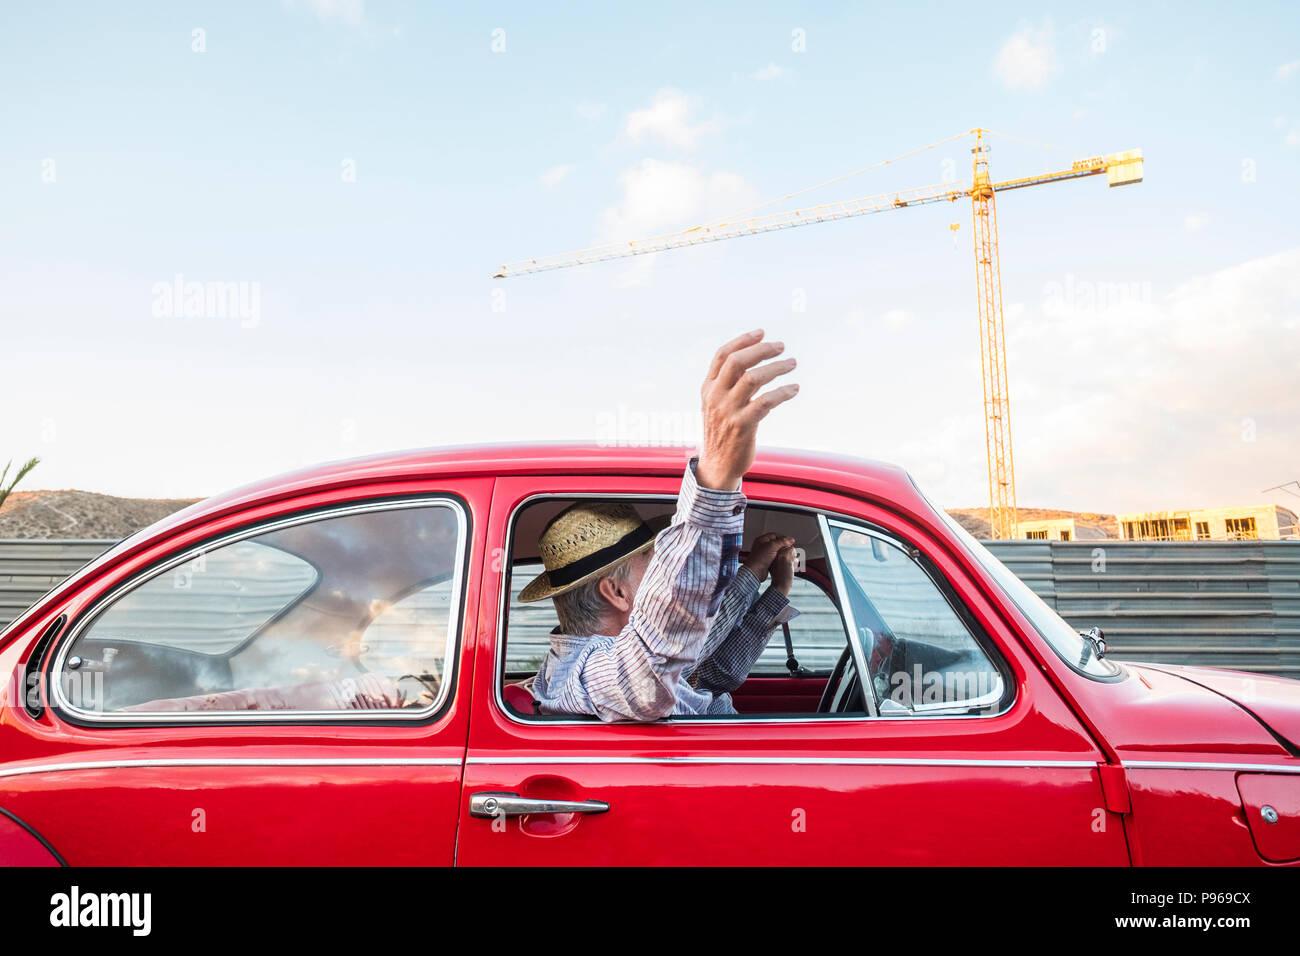 Portrait d'âge mûr et de voyage en voiture sur une voiture vintage rouge. Locations et wonderlust concpet pour gens heureux déménagement partout dans le monde de la construction. Banque D'Images